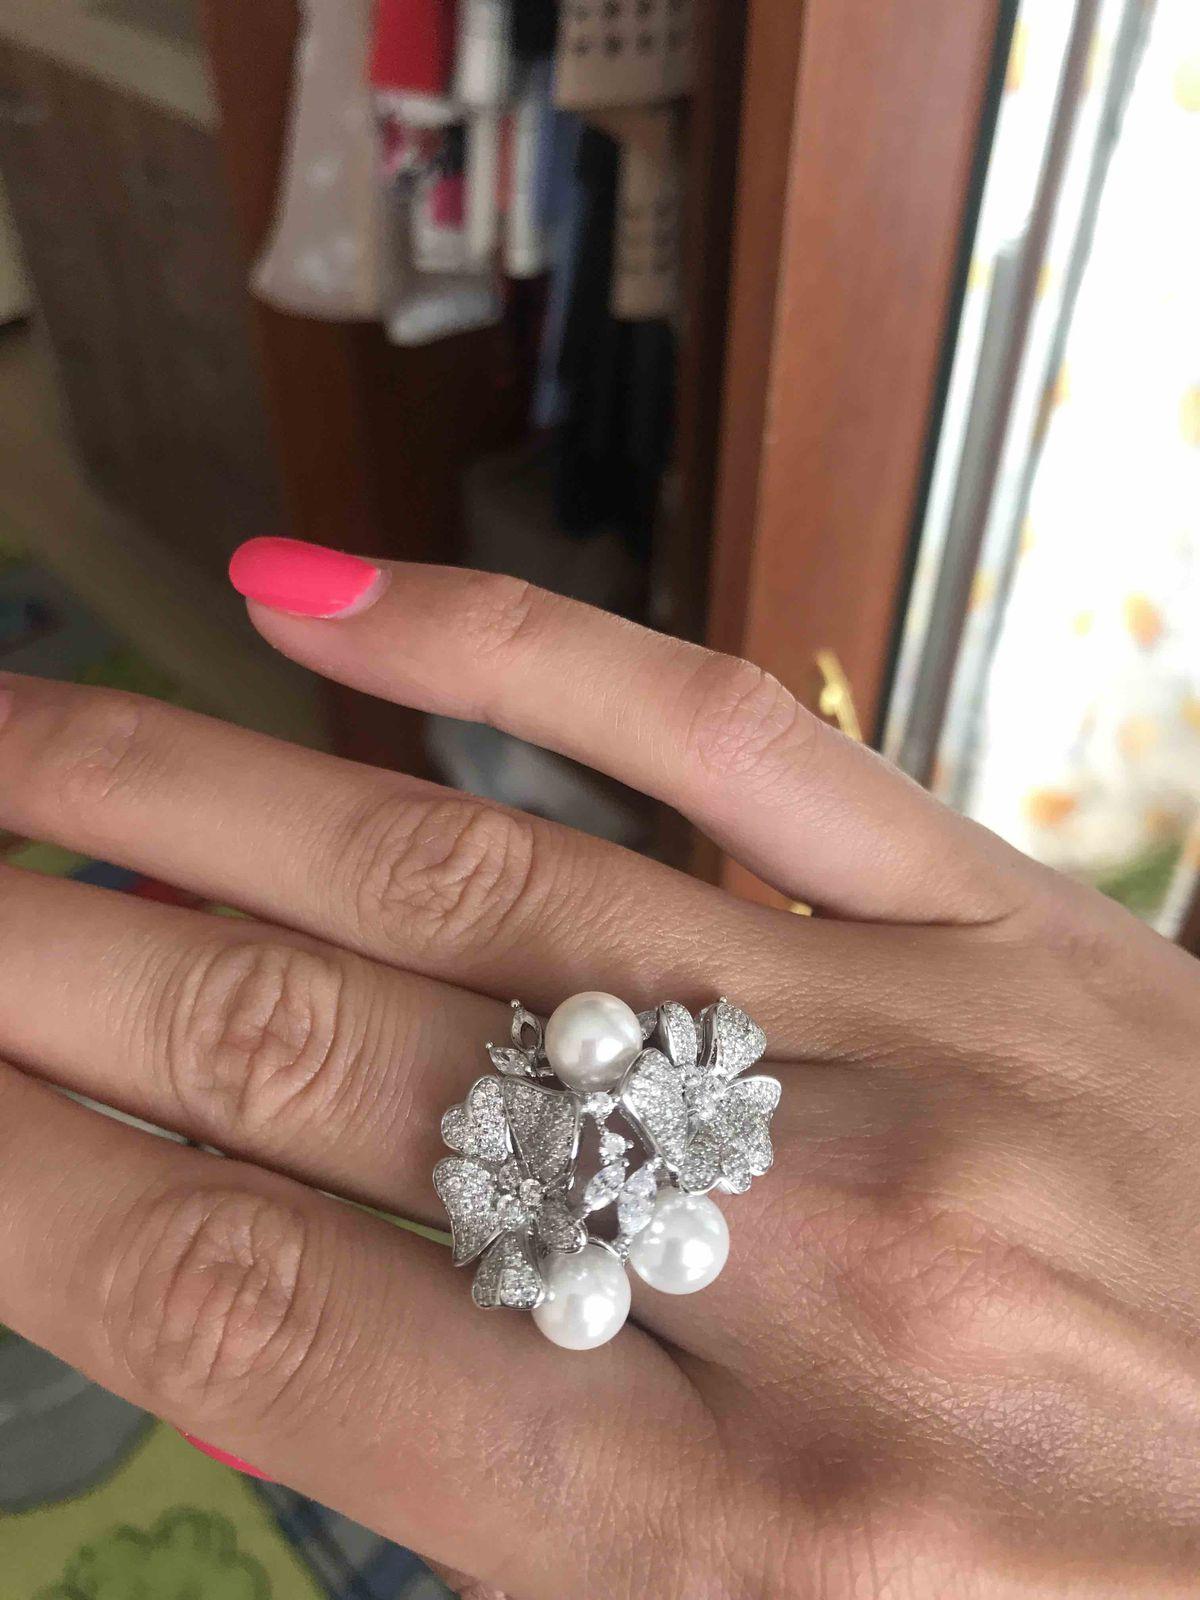 Кольцо моя любовь с первого взгляда😍